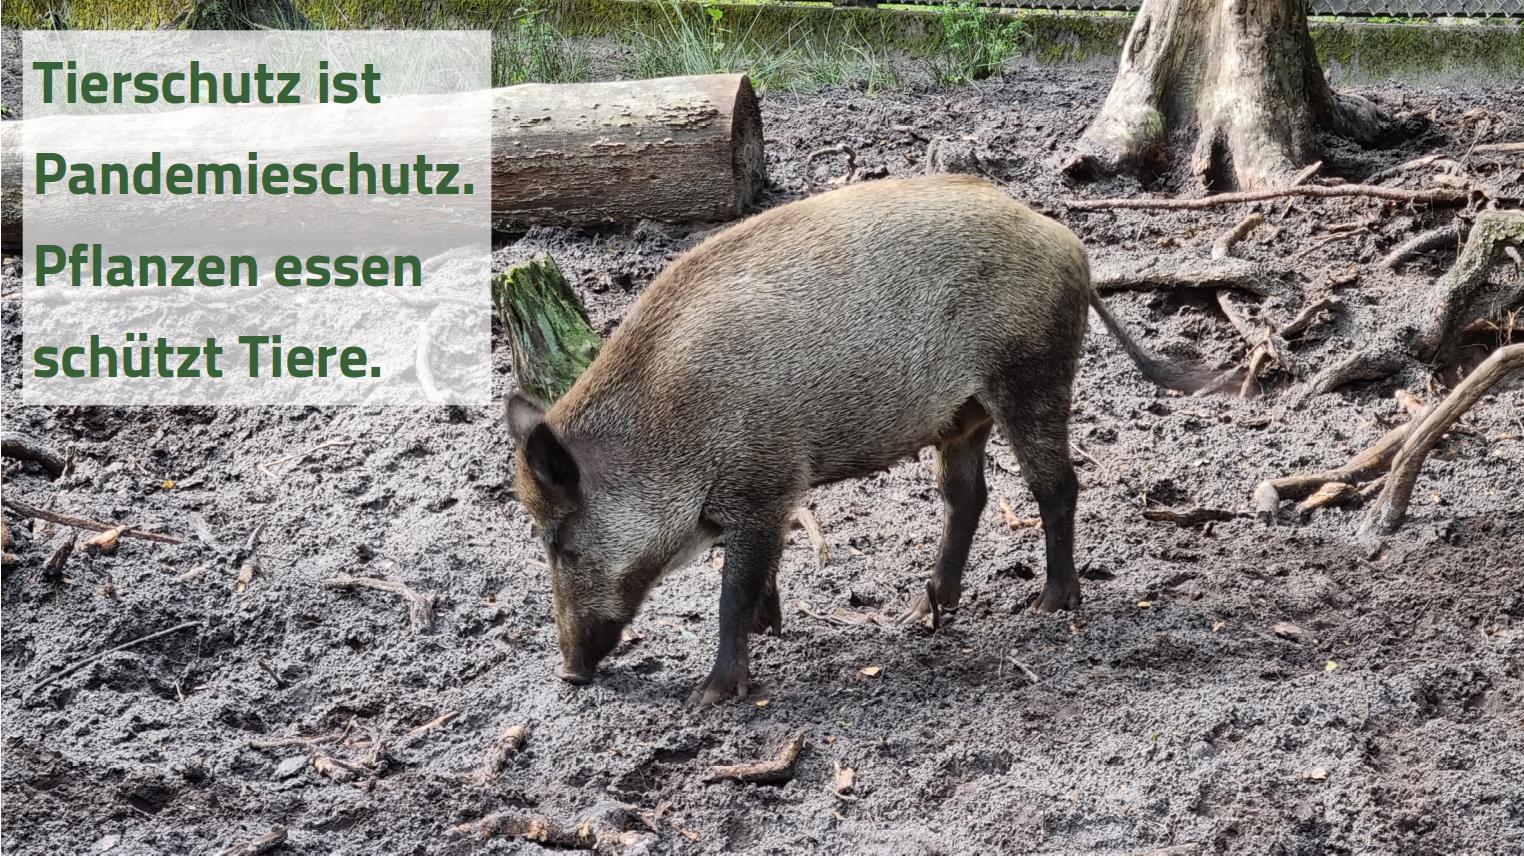 Bild von einem Wildschwein mit Text: Tierschutz ist Pandemieschutz. Pflanzen essen schützt Tiere.